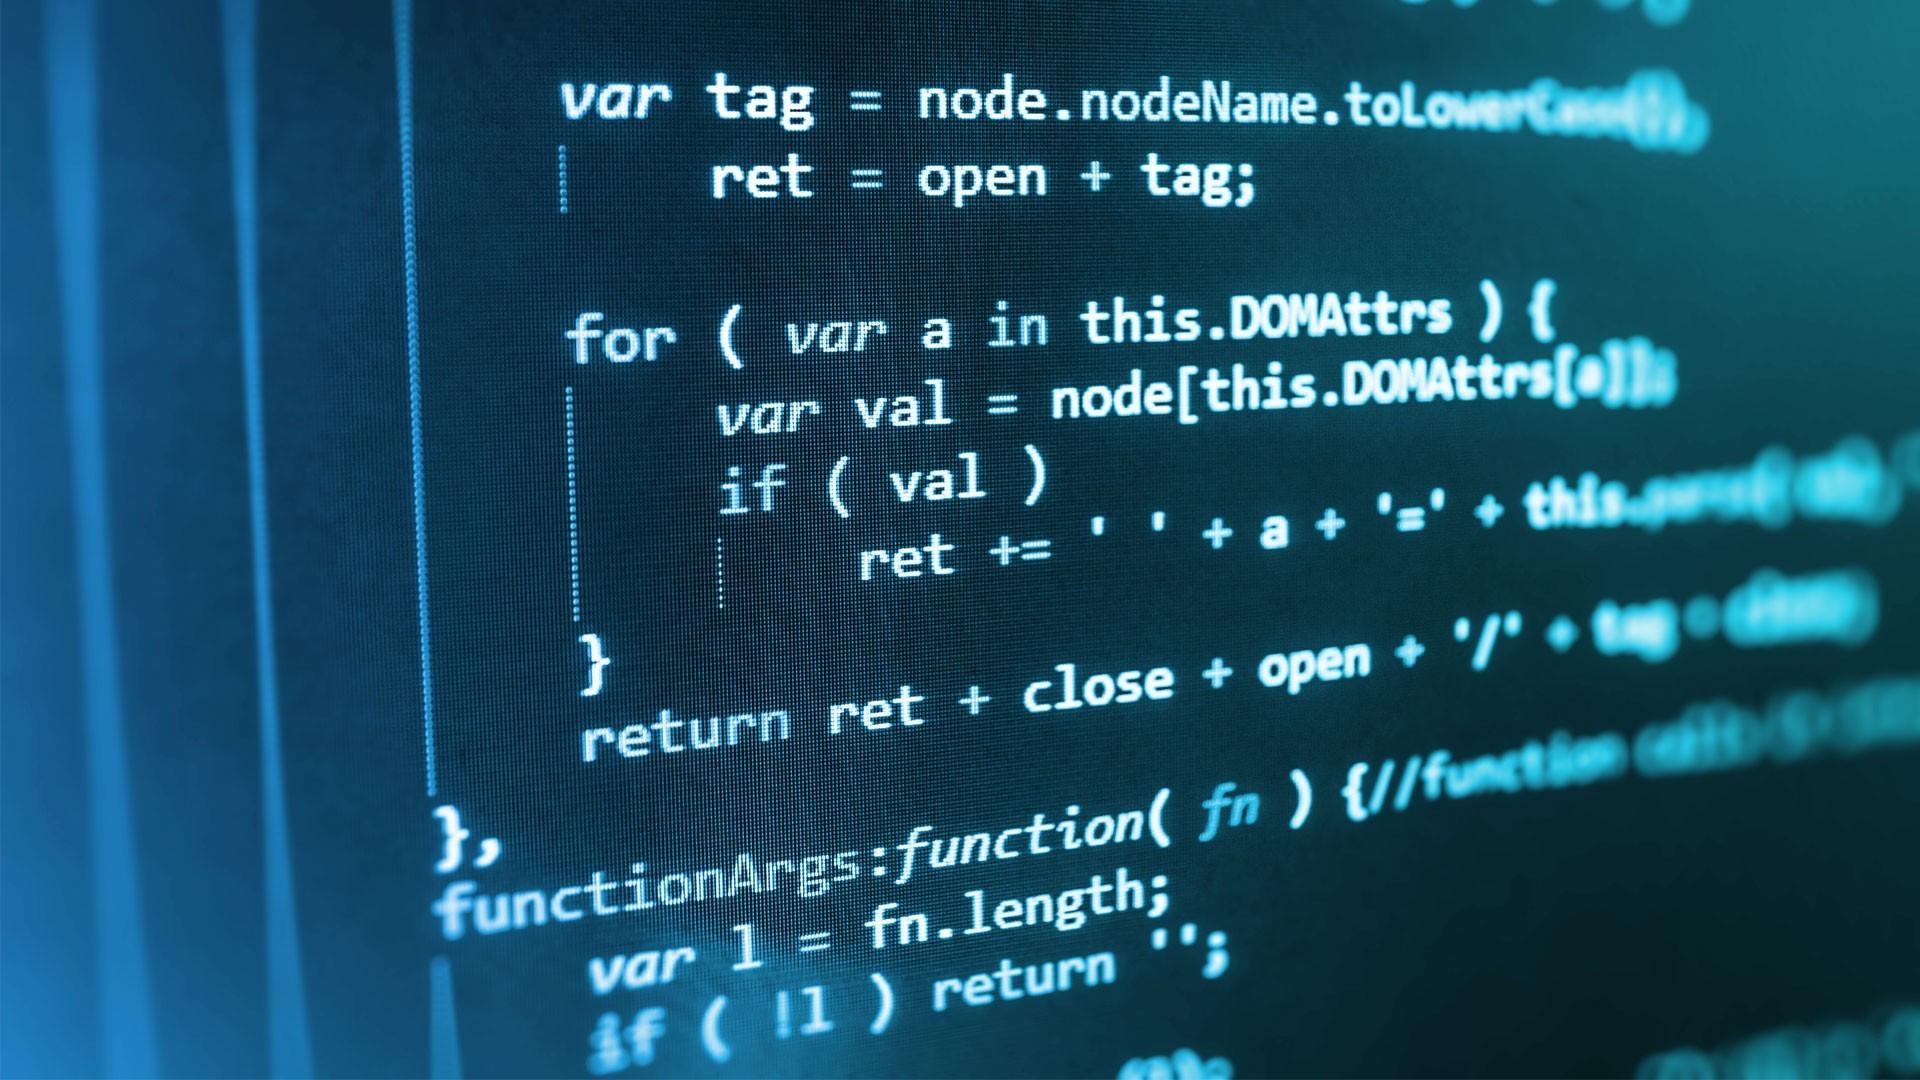 Programmation, code, développement, services informatiques, algorithme, conception web, informatique, infographie, WordPress